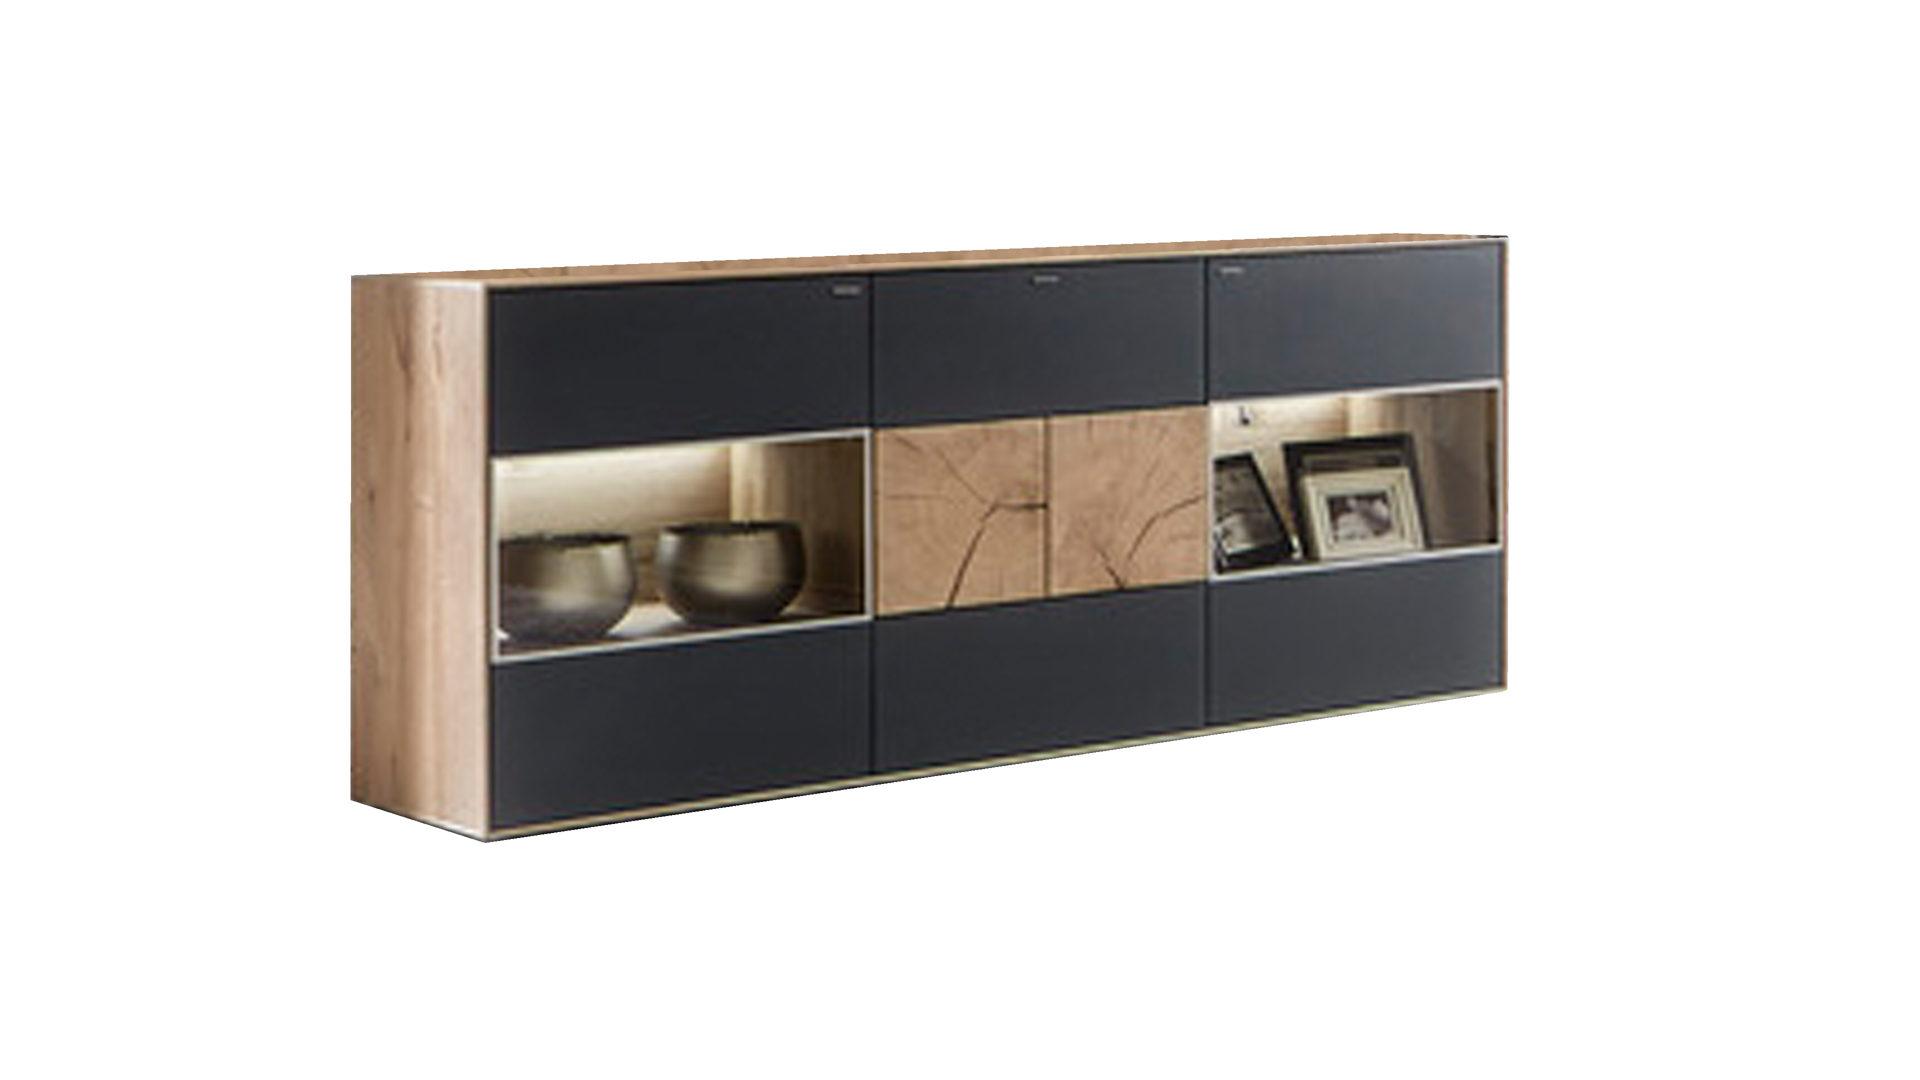 sideboard - Sideboard Wohnzimmer